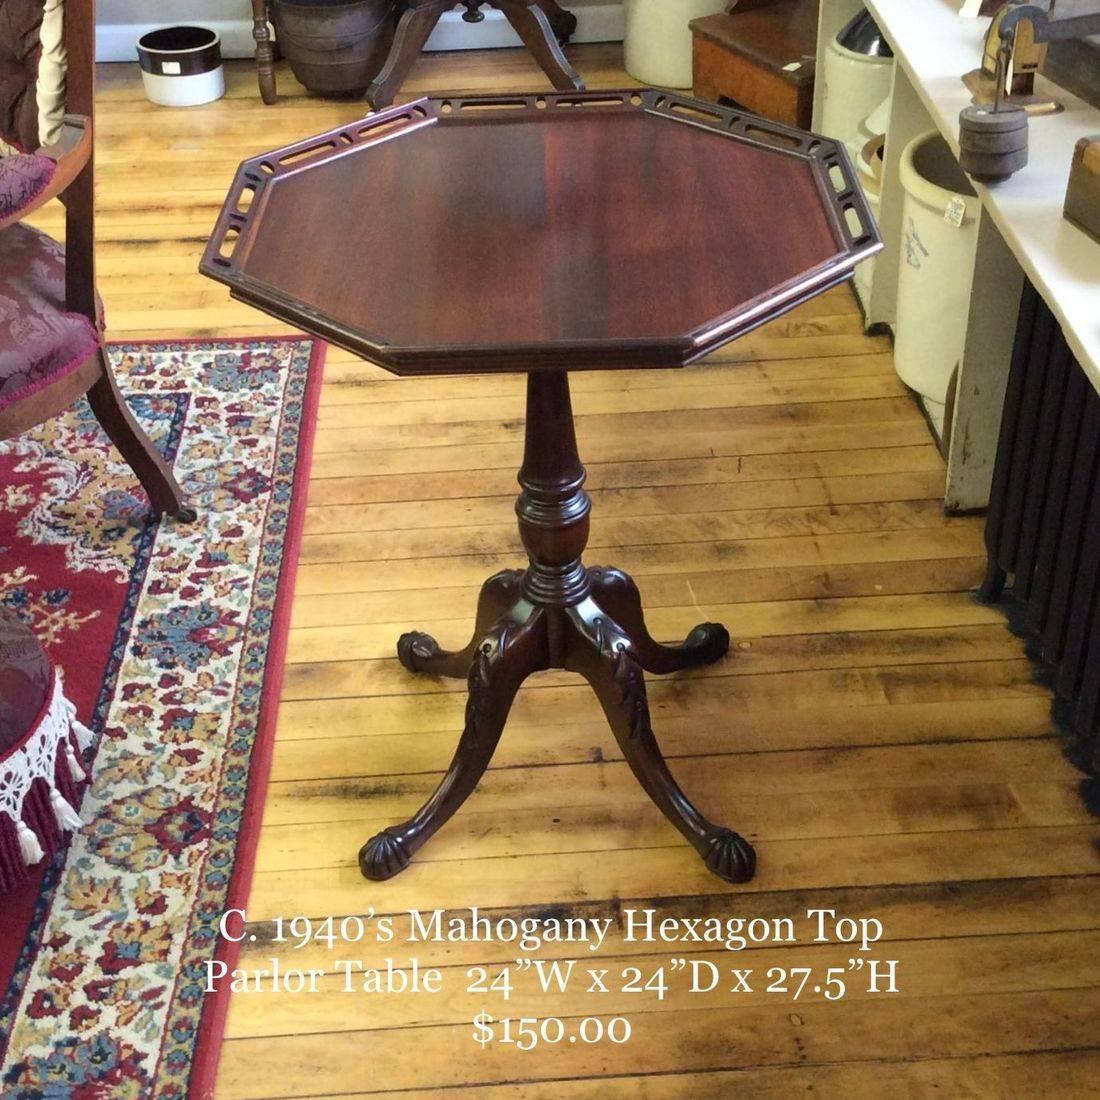 """C. 1940's Mahogany Hexagon-Top Parlor Table 24"""" x 24"""" x 27-1/2""""Hgt.   $150.00"""